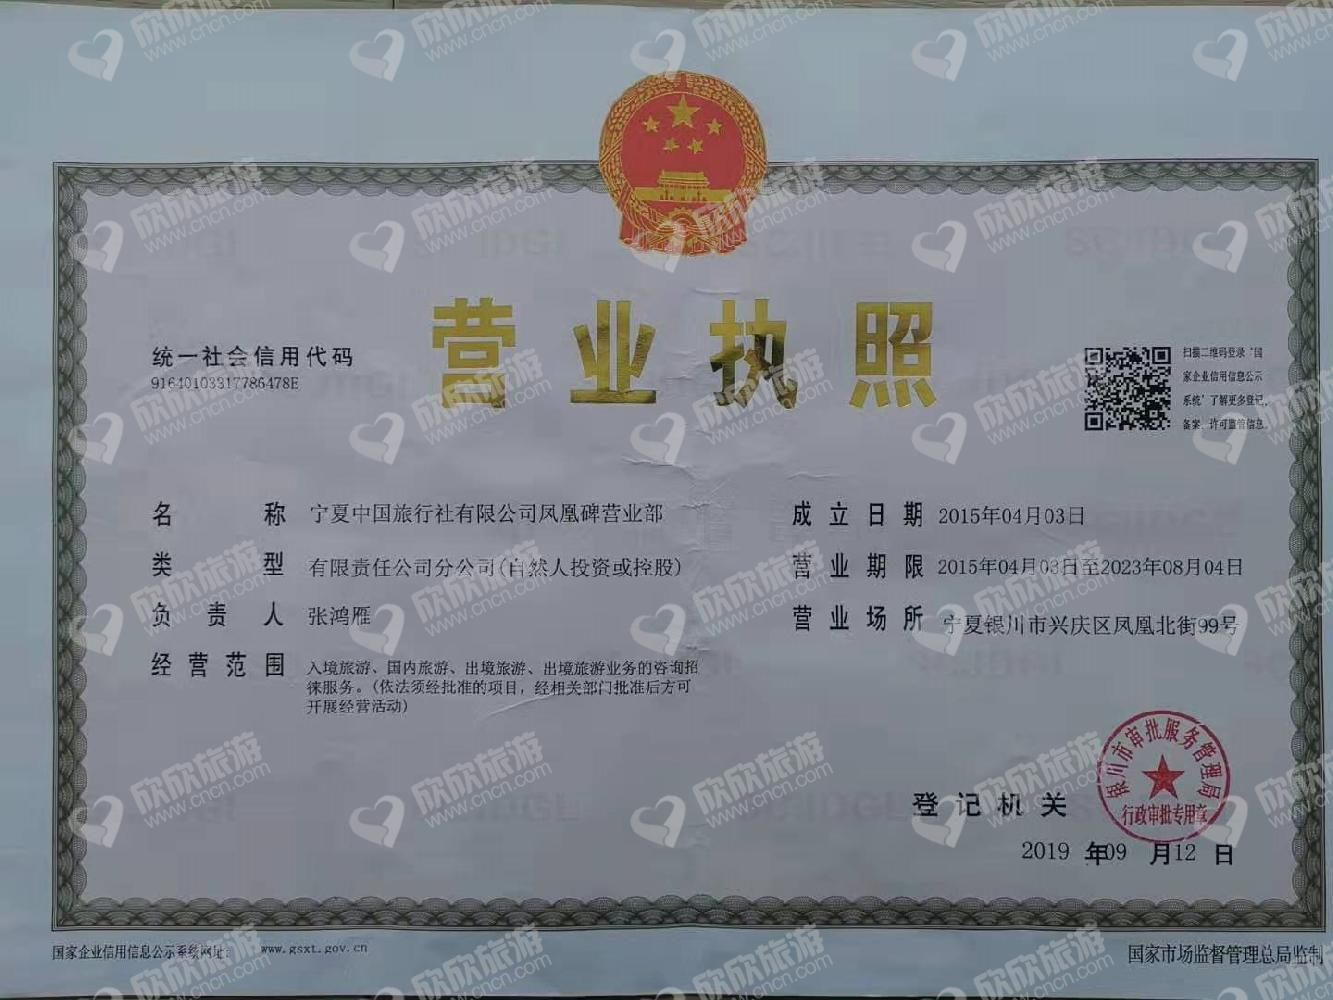 宁夏中国旅行社有限公司凤凰碑营业部营业执照